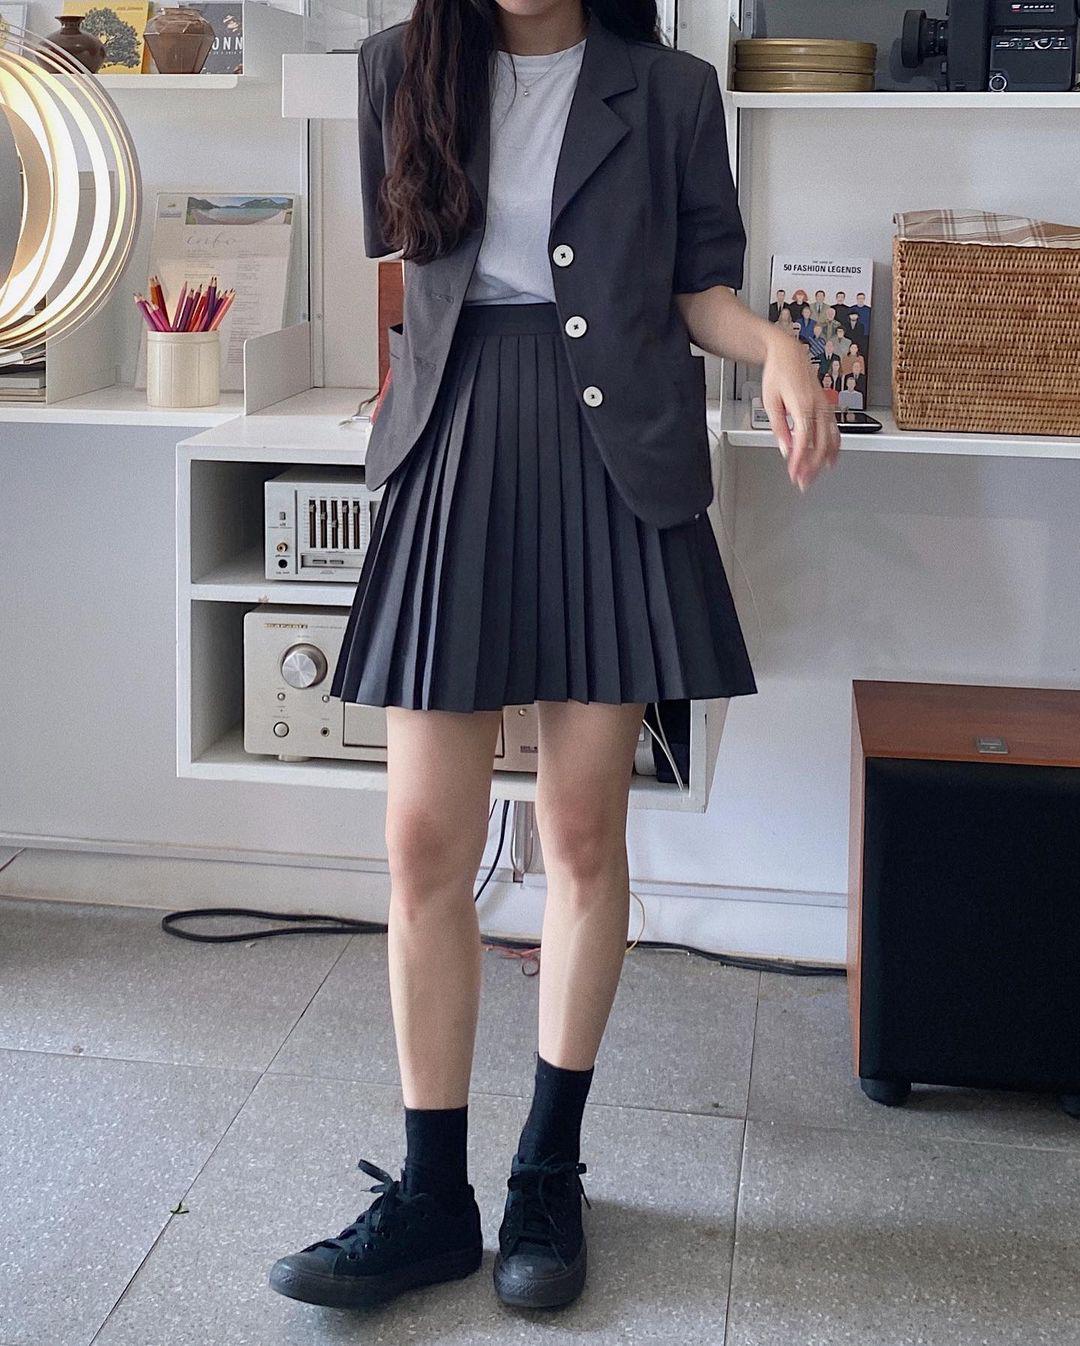 Gái Hàn mặc blazer trông sang chảnh chứ không hề già, các nàng học ngay 10 công thức để có set đồ trendy không cần hỏi - Ảnh 9.